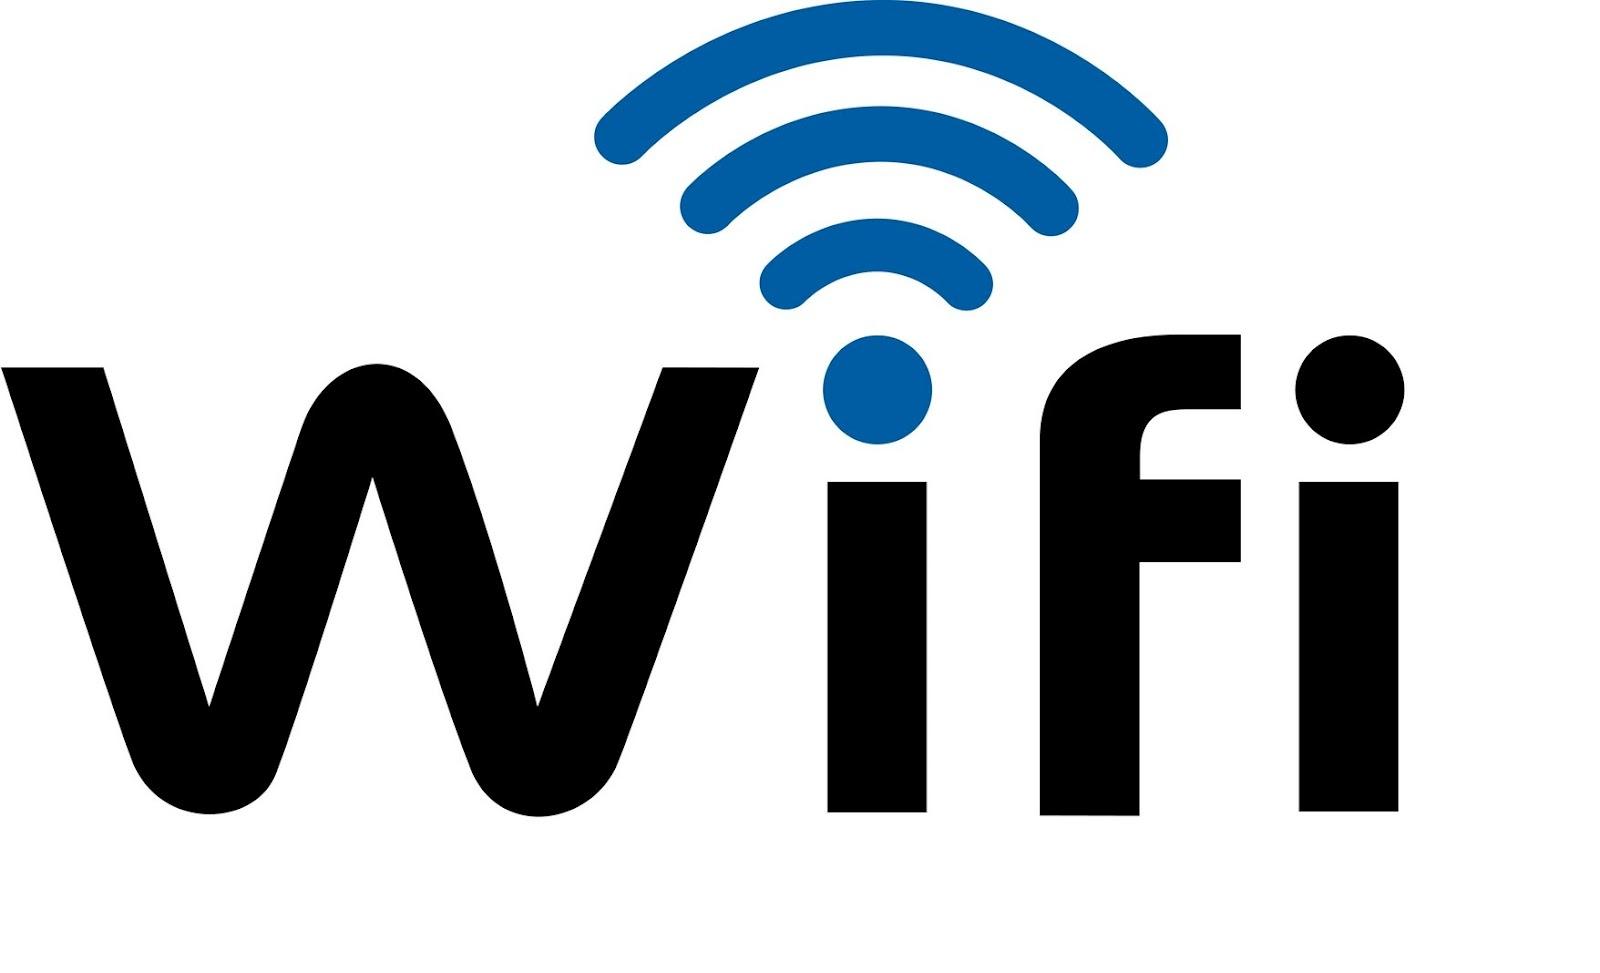 télécharger image logo wifi